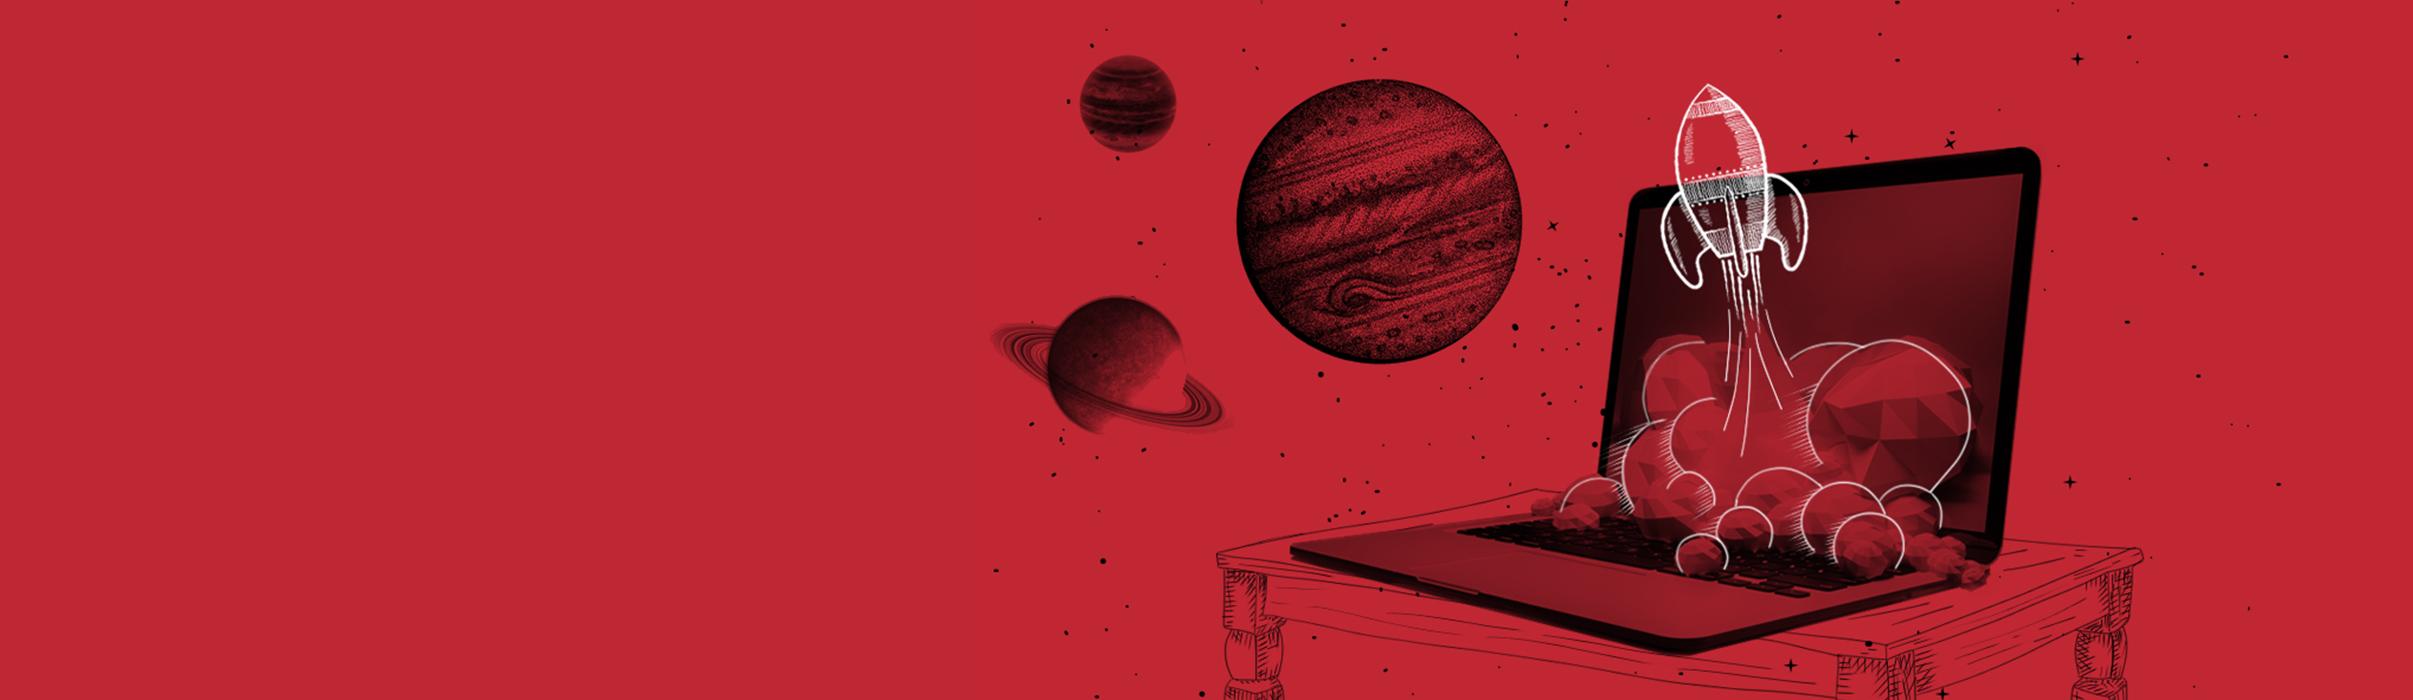 Aleksundshantu Titelbild zum Thema Onlinemarketing - Rot Schwarz mit Laptop und aufsteigender Rakete